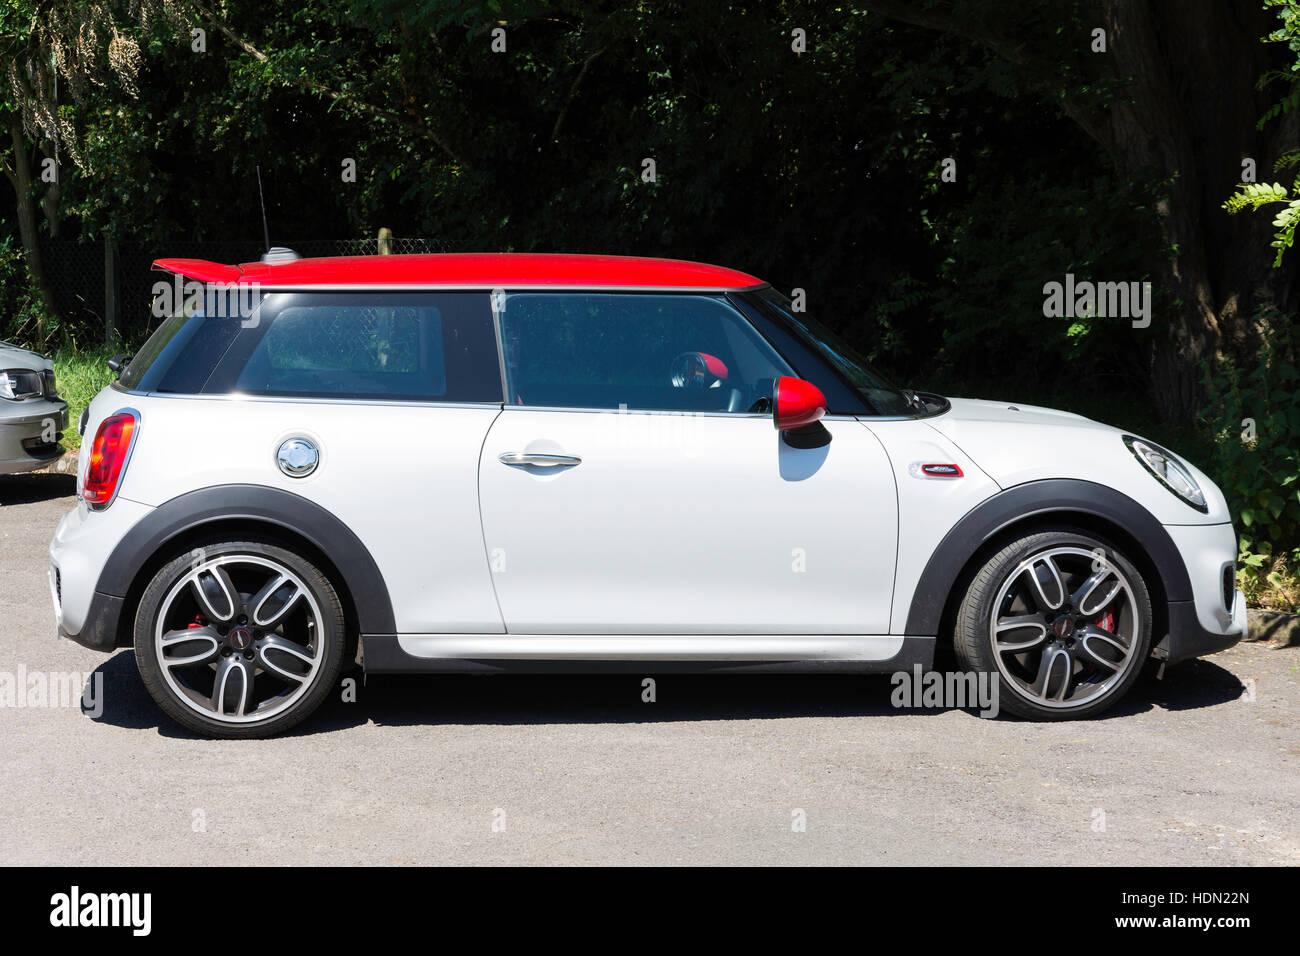 Le rouge et le blanc Mini (BMW) Cooper, dans la zone de parc, Chobham, Surrey, Angleterre, Royaume-Uni Photo Stock